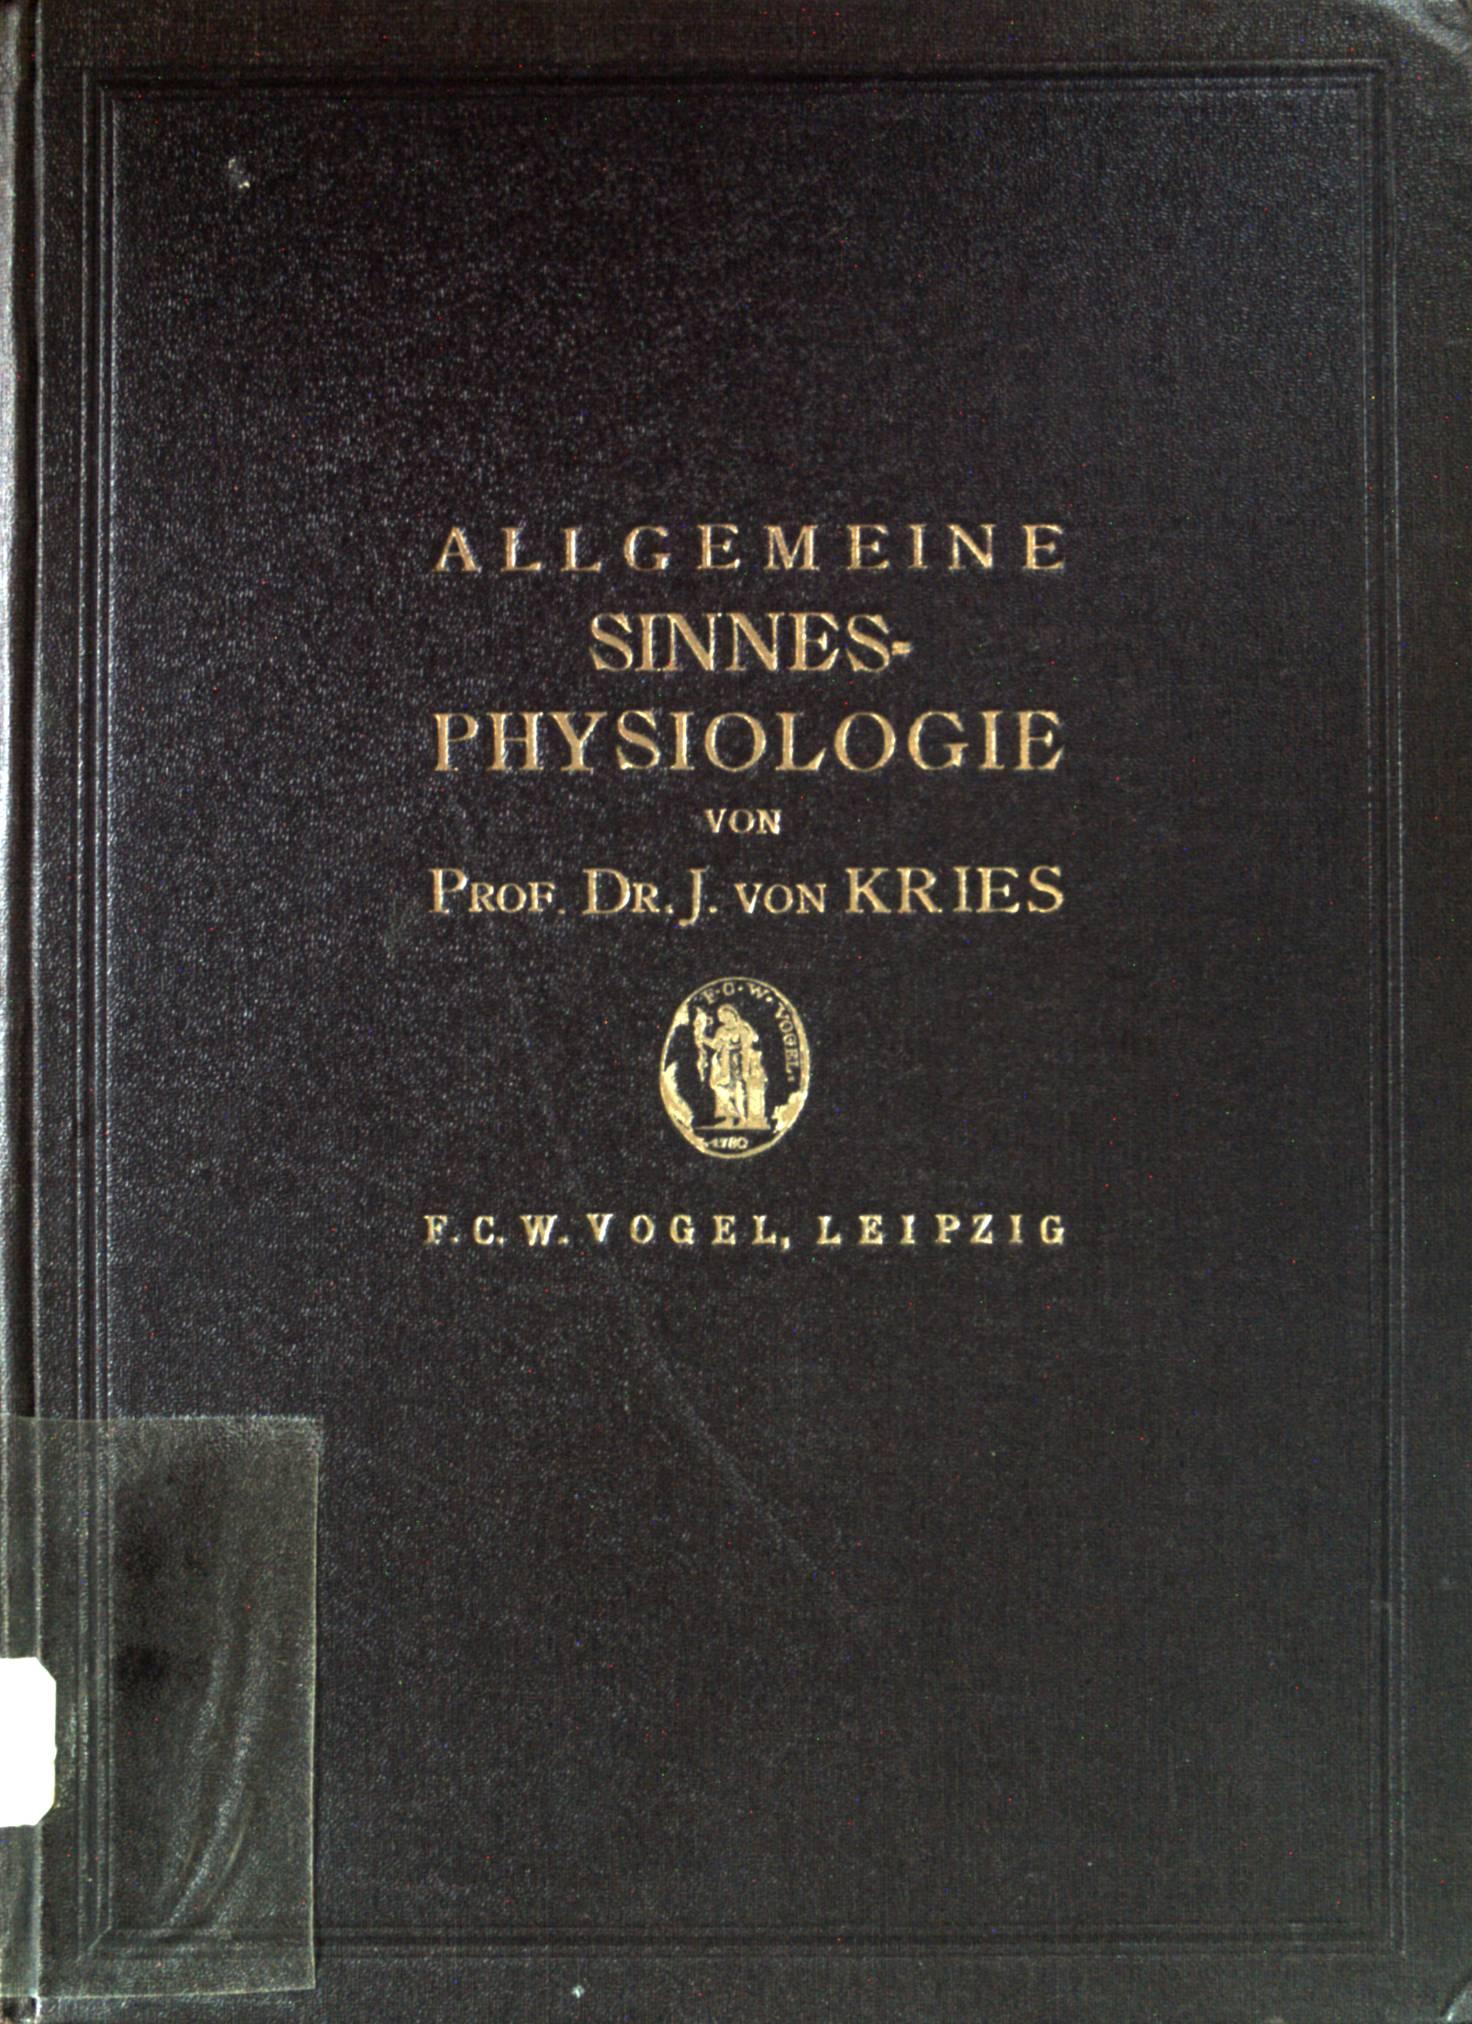 Allgemeine Sinnesphysiologie.: Kries, Johannes von: